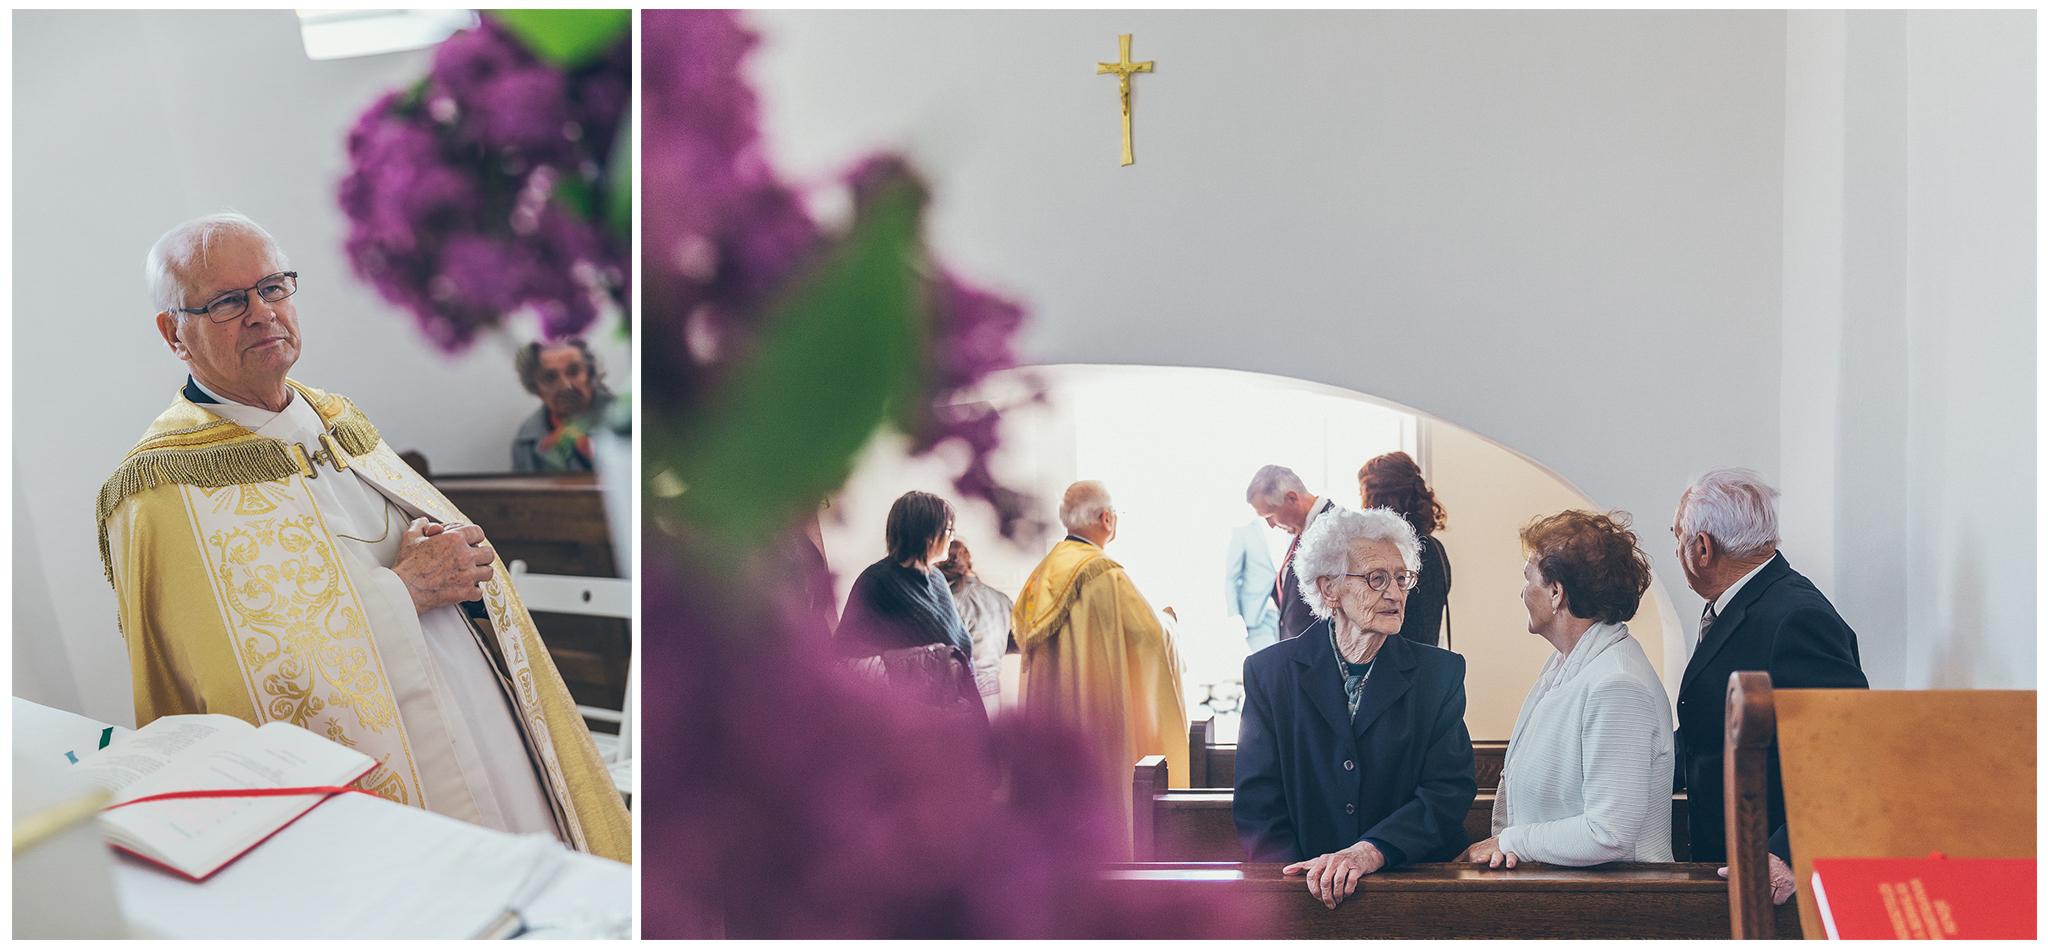 FylepPhoto, esküvőfotós, esküvői fotós Körmend, Szombathely, esküvőfotózás, magyarország, vas megye, prémium, jegyesfotózás, Fülöp Péter, körmend, kreatív, fotográfus_14.jpg